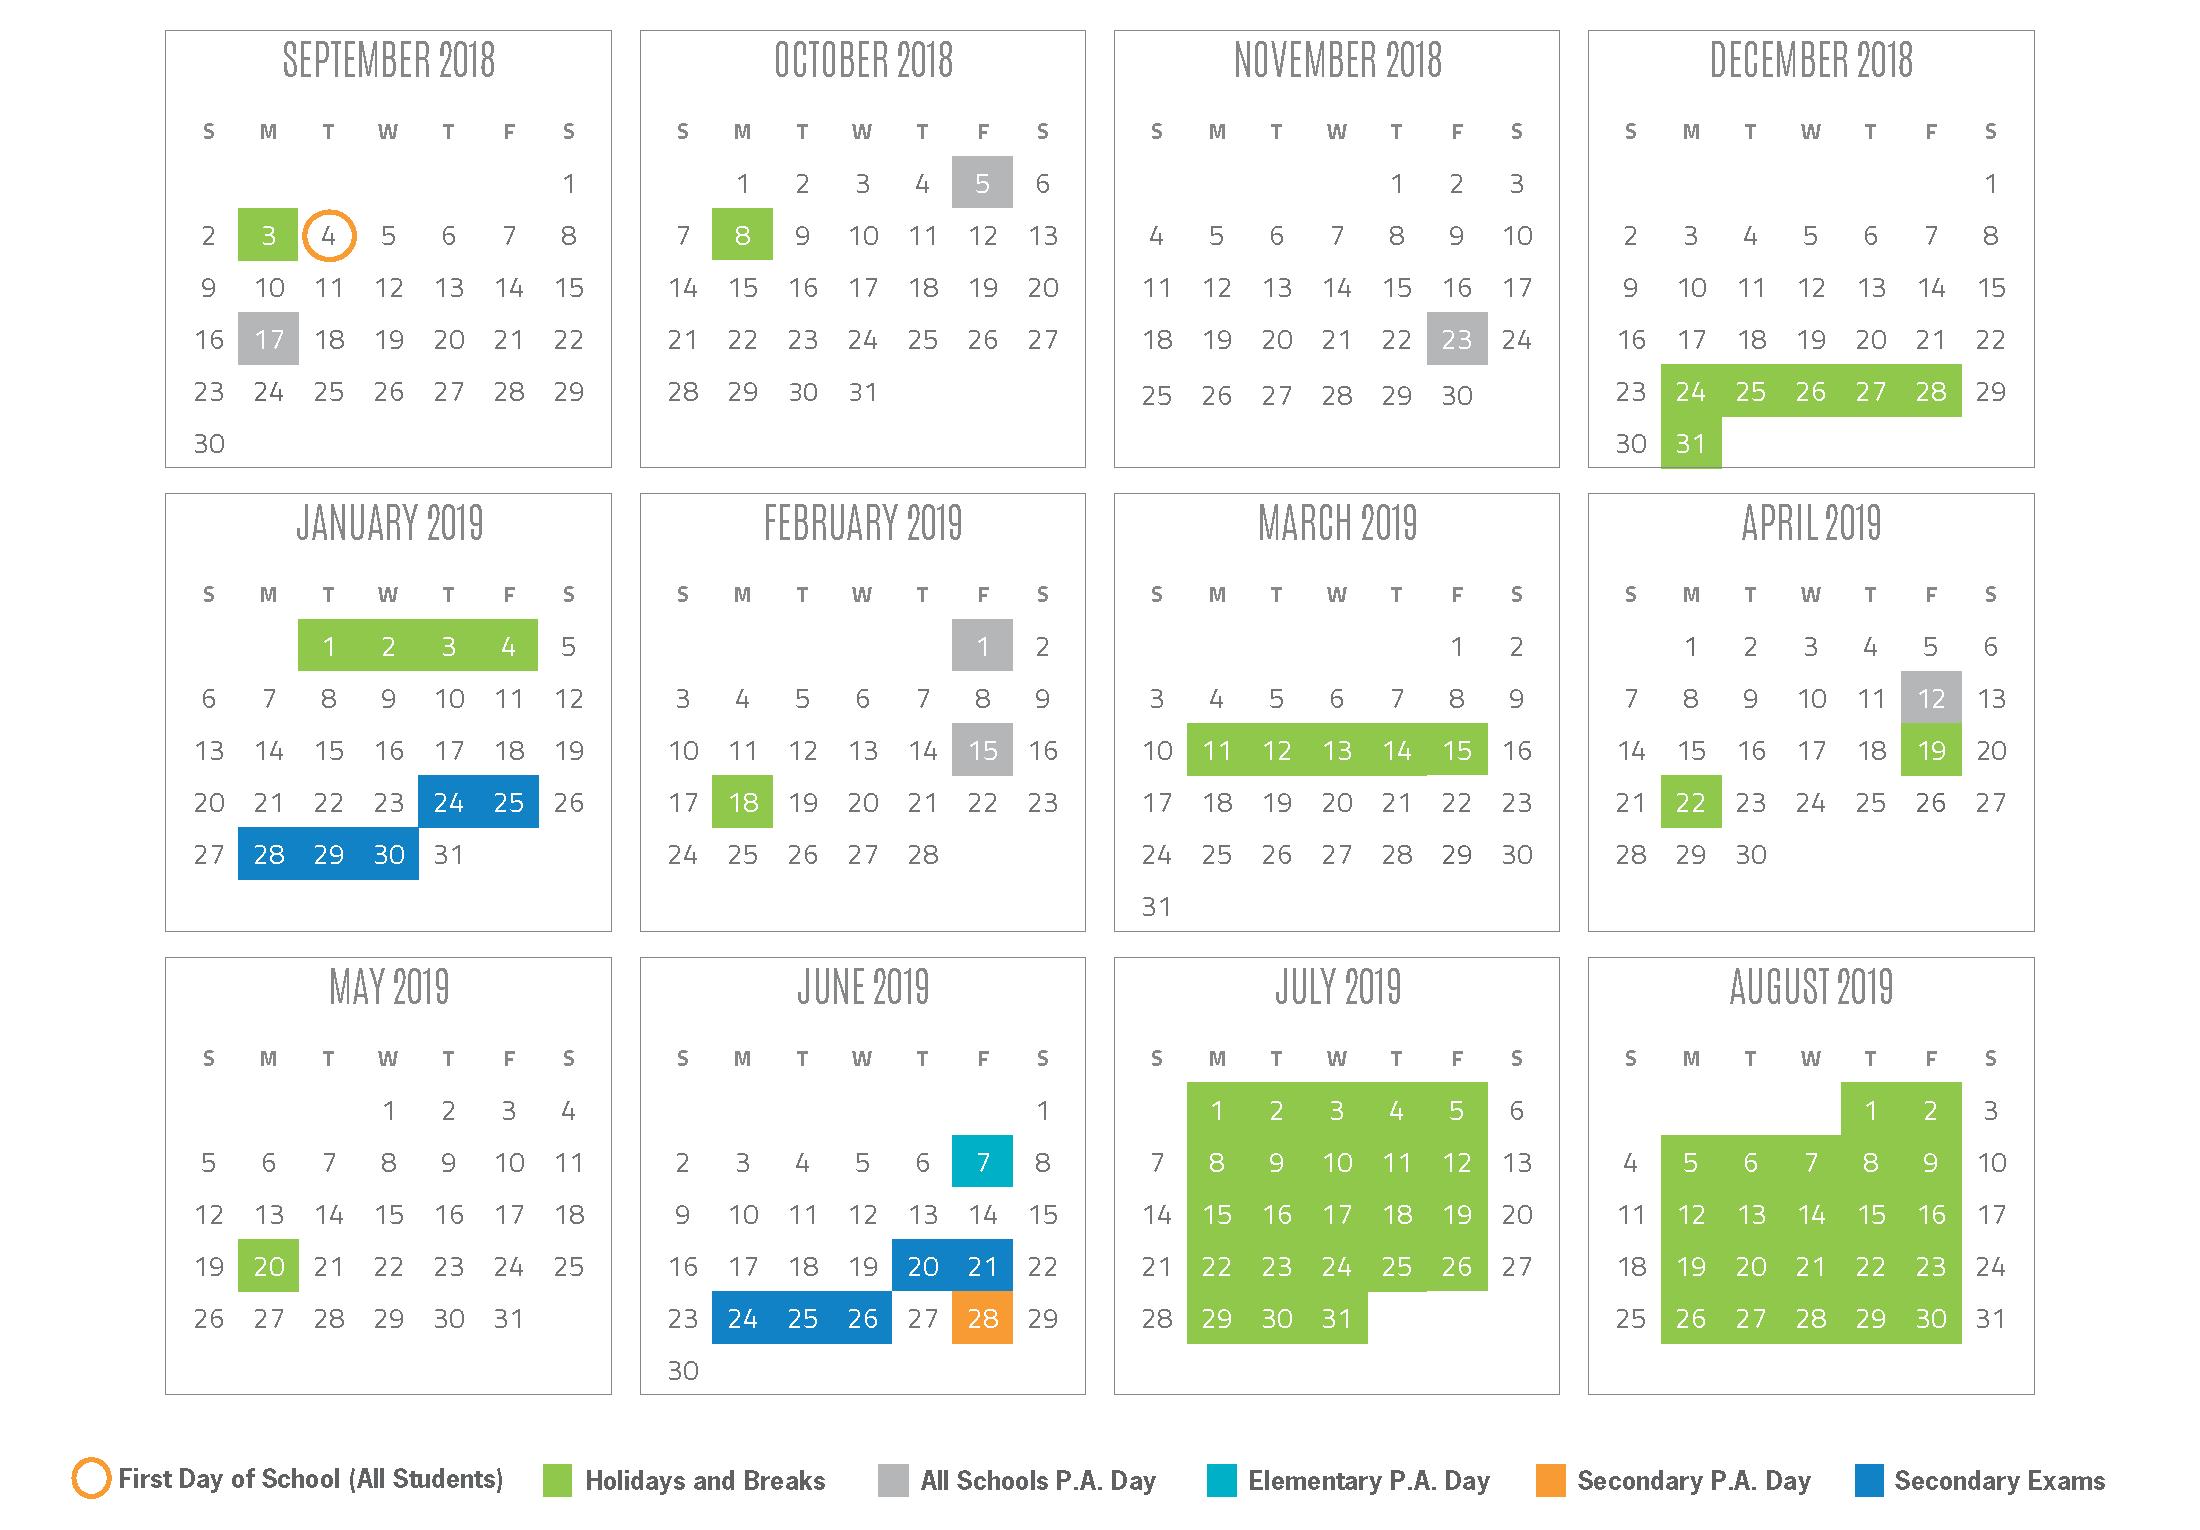 2018-2019 School Year Calendar